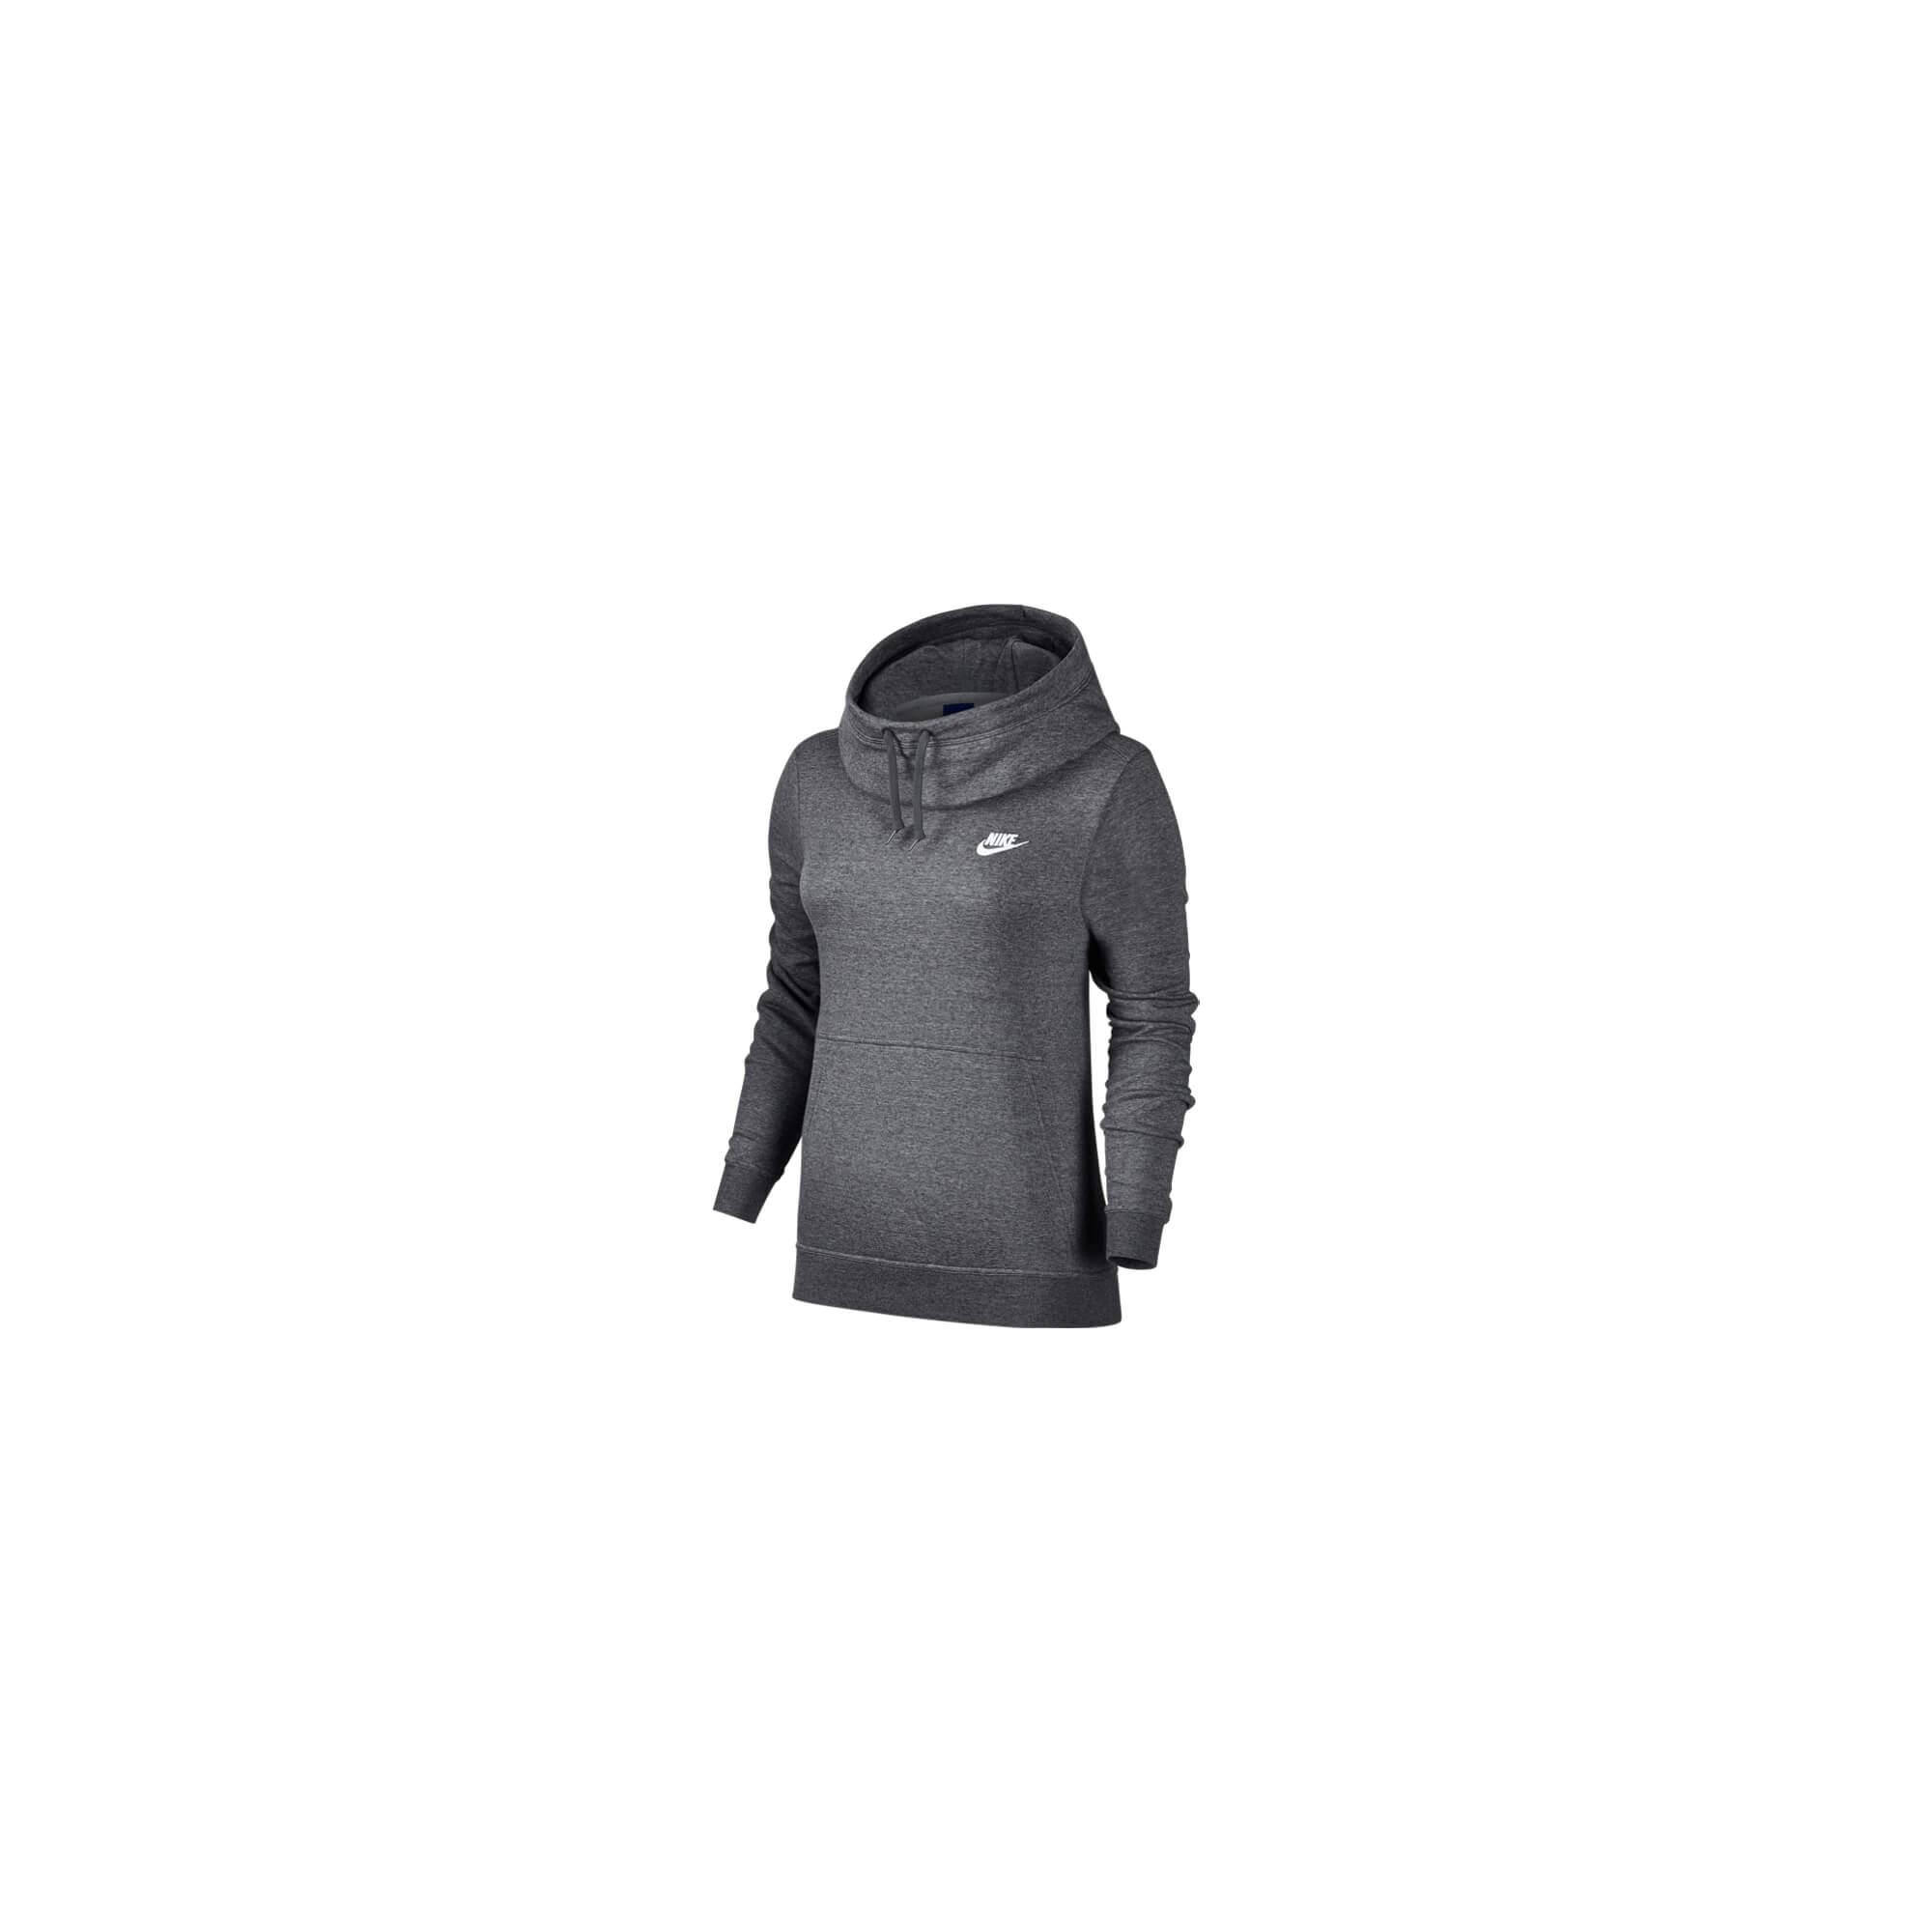 Vtičnica Ženska Nike W NSW OPTC HOODIE, pulover ž.kap., črna